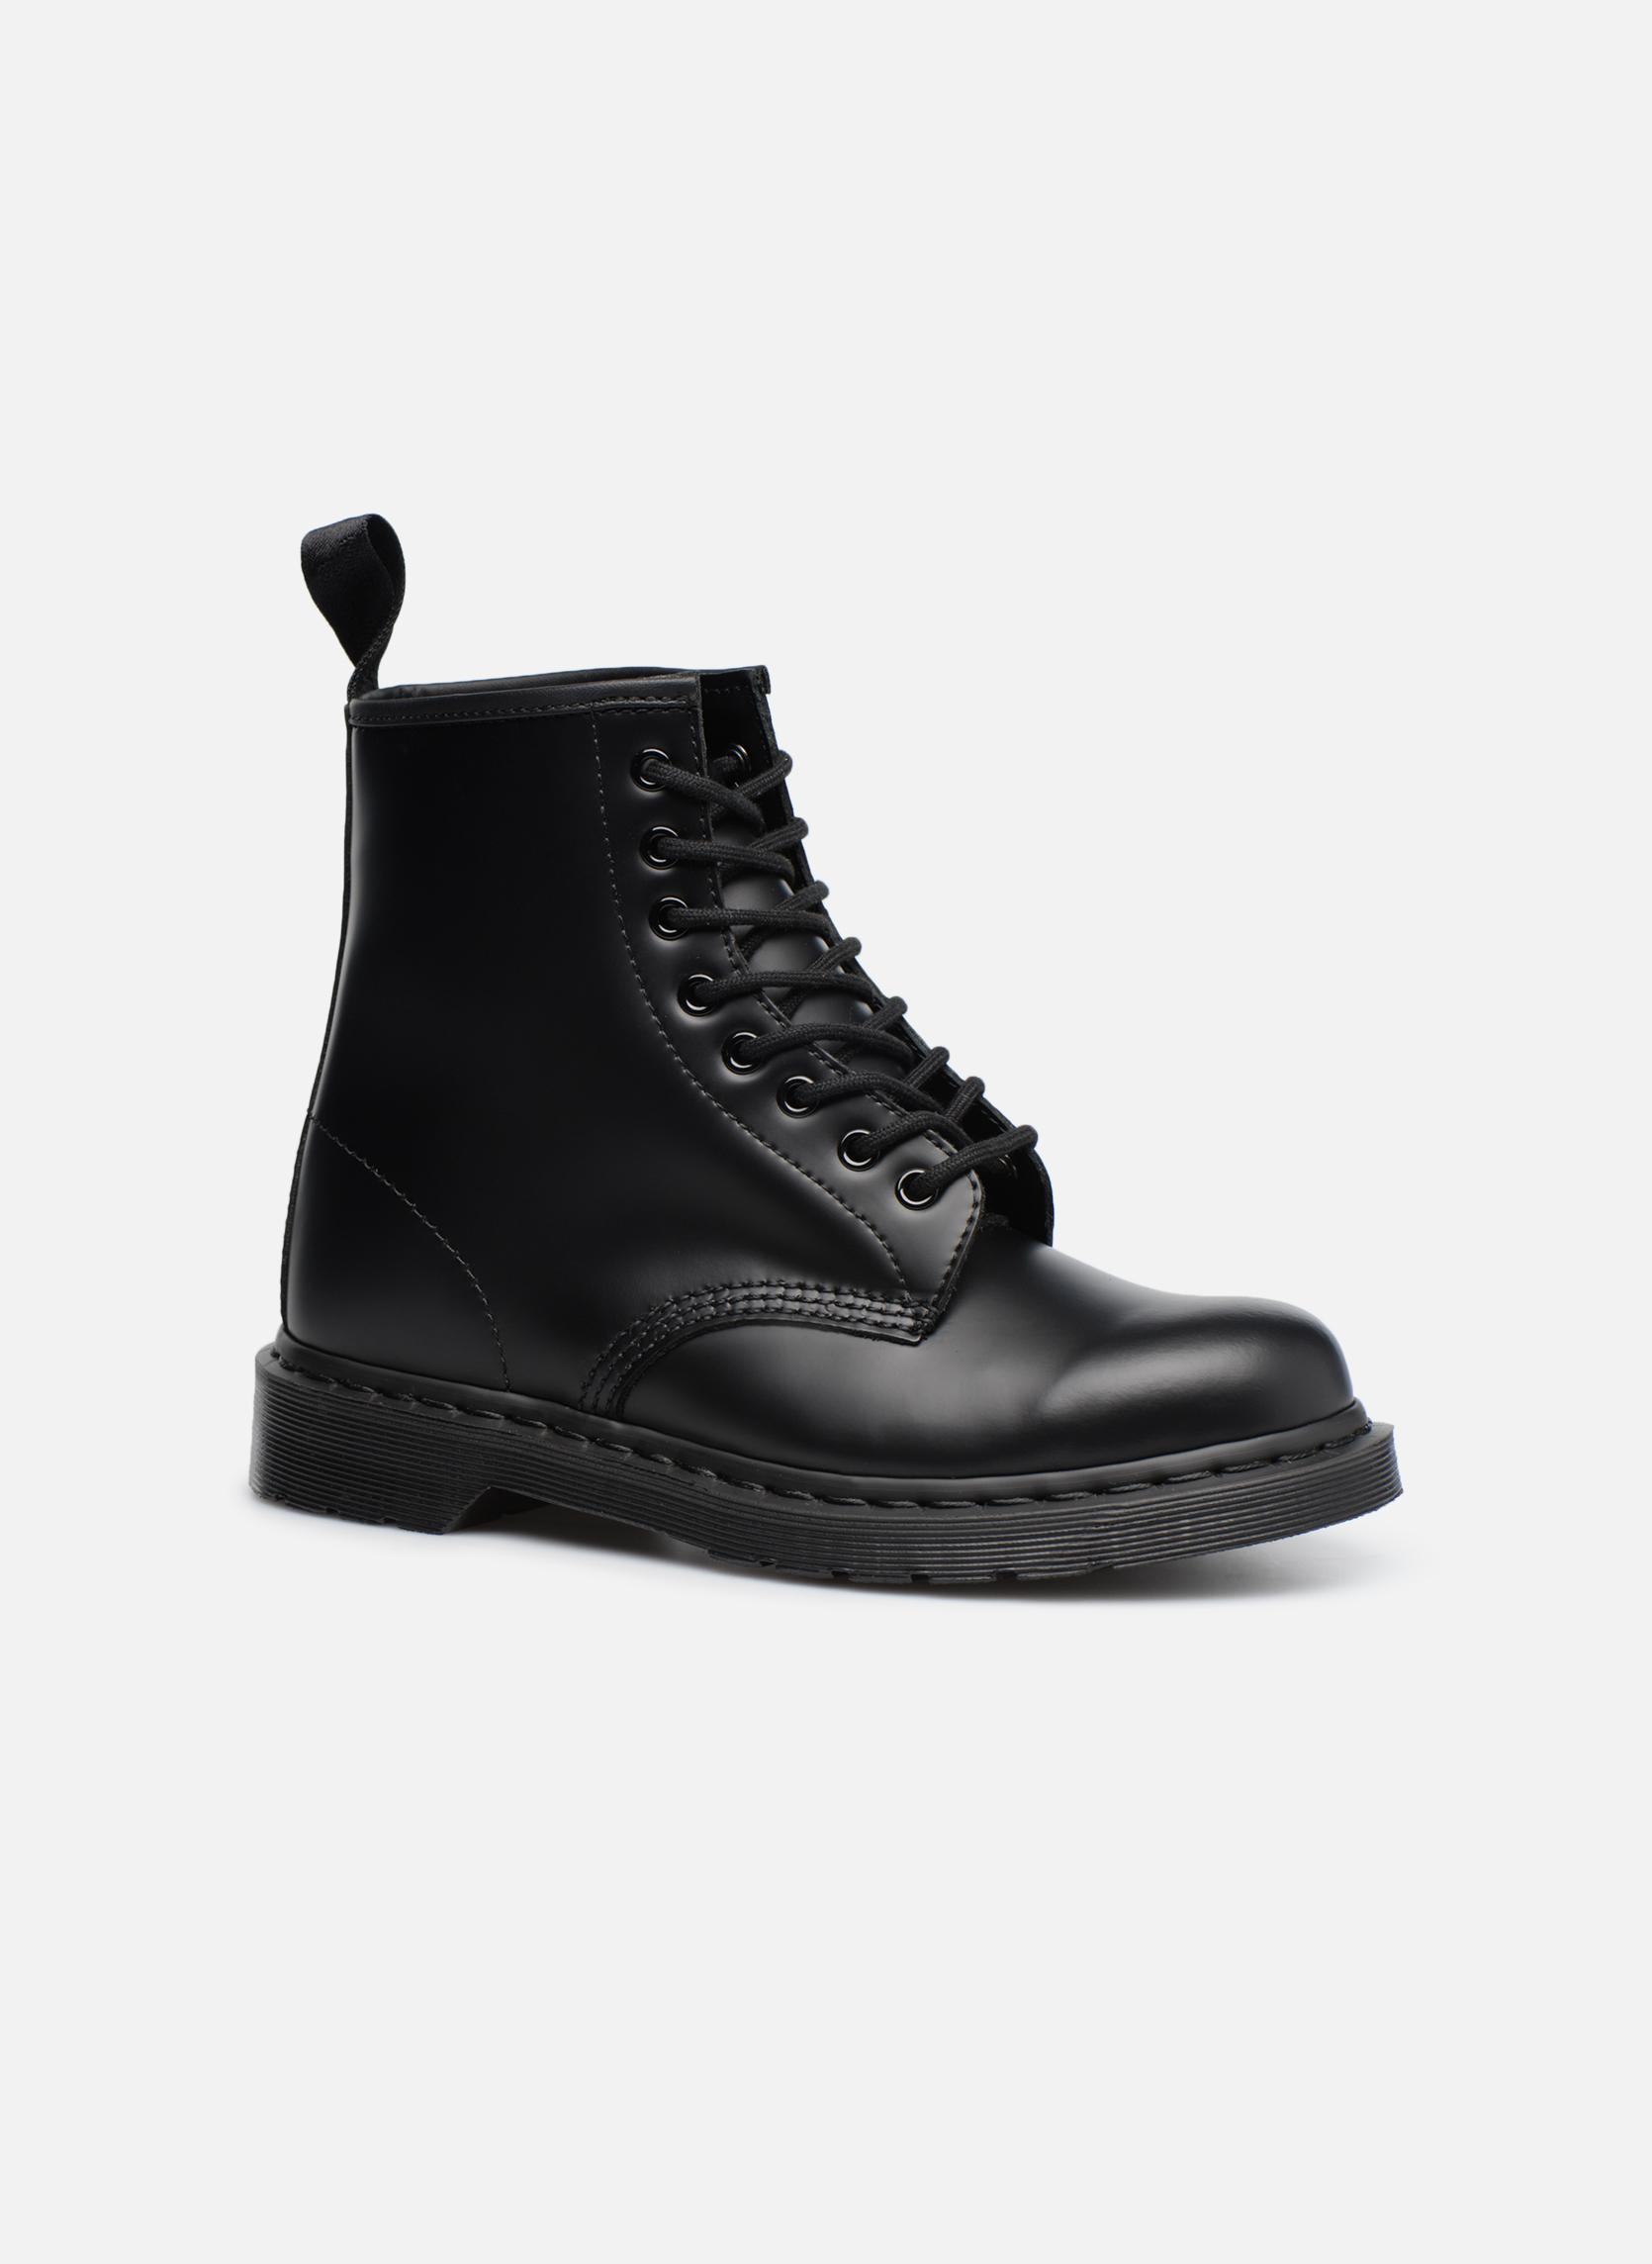 Bottines et boots Femme 1460 MONO